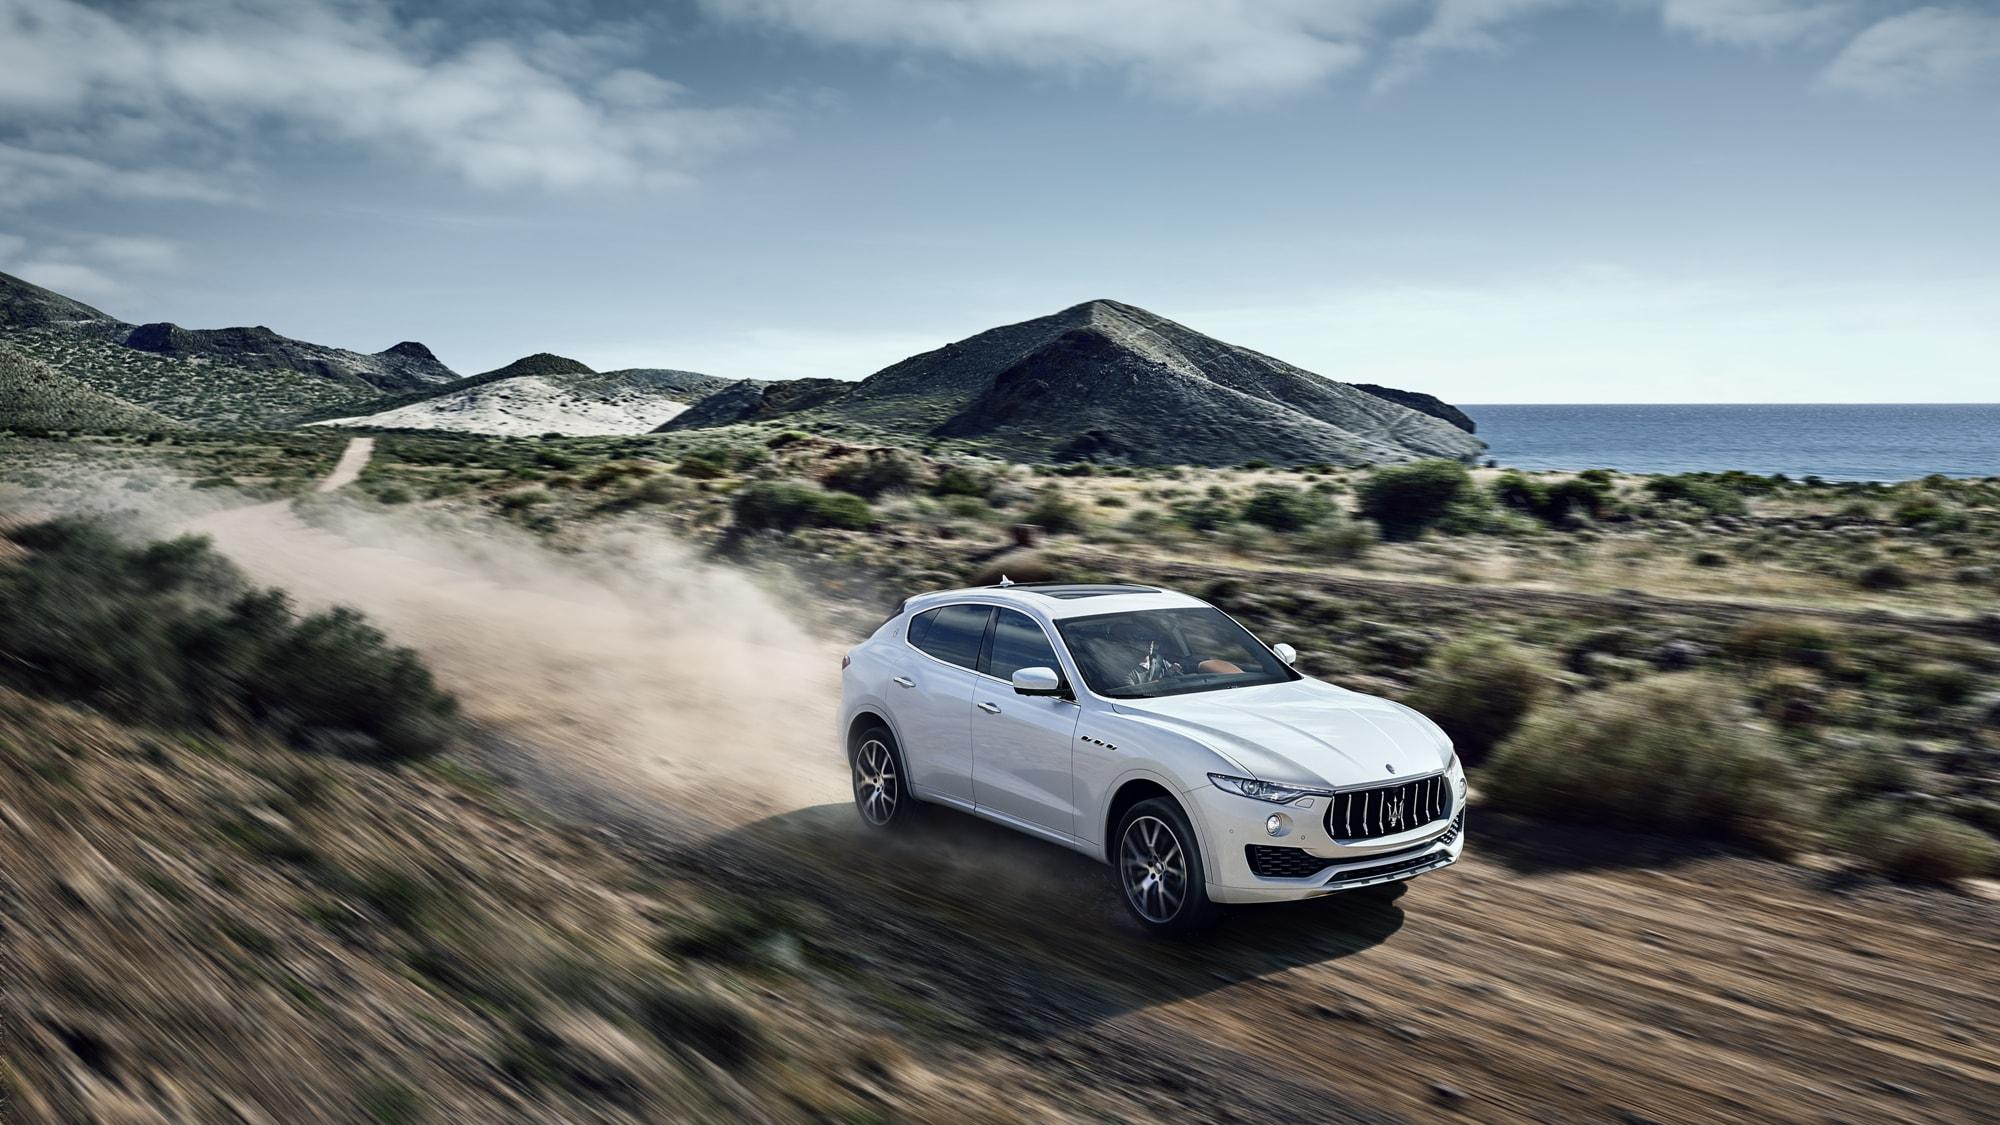 Maserati Levante Free